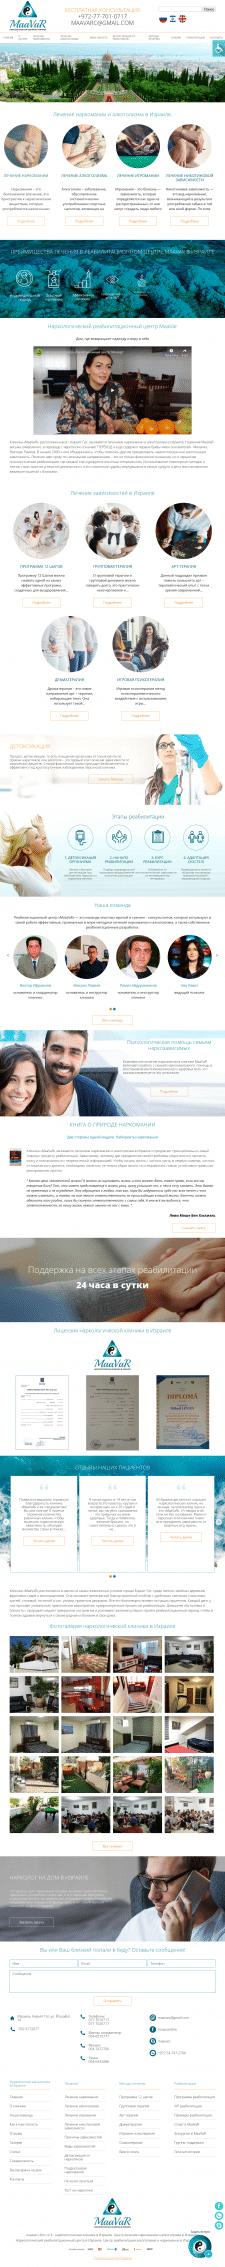 Статьи для сайта наркологической клиники в Израиле